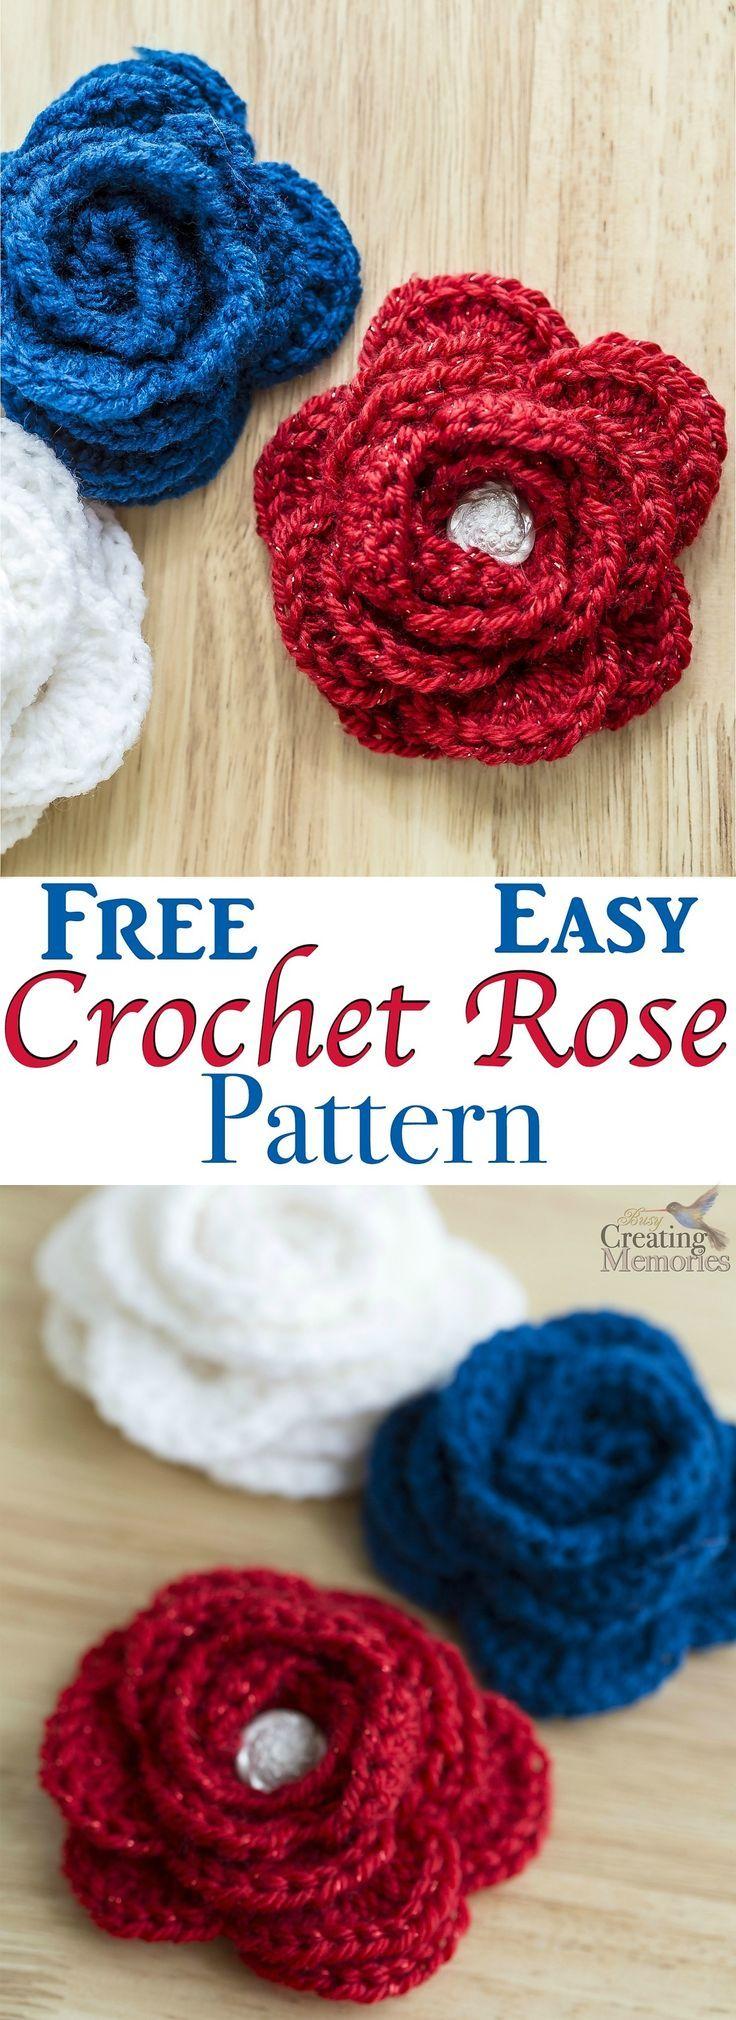 Free Easy Halloween Pop Culture: Free Easy Crochet Rose Pattern